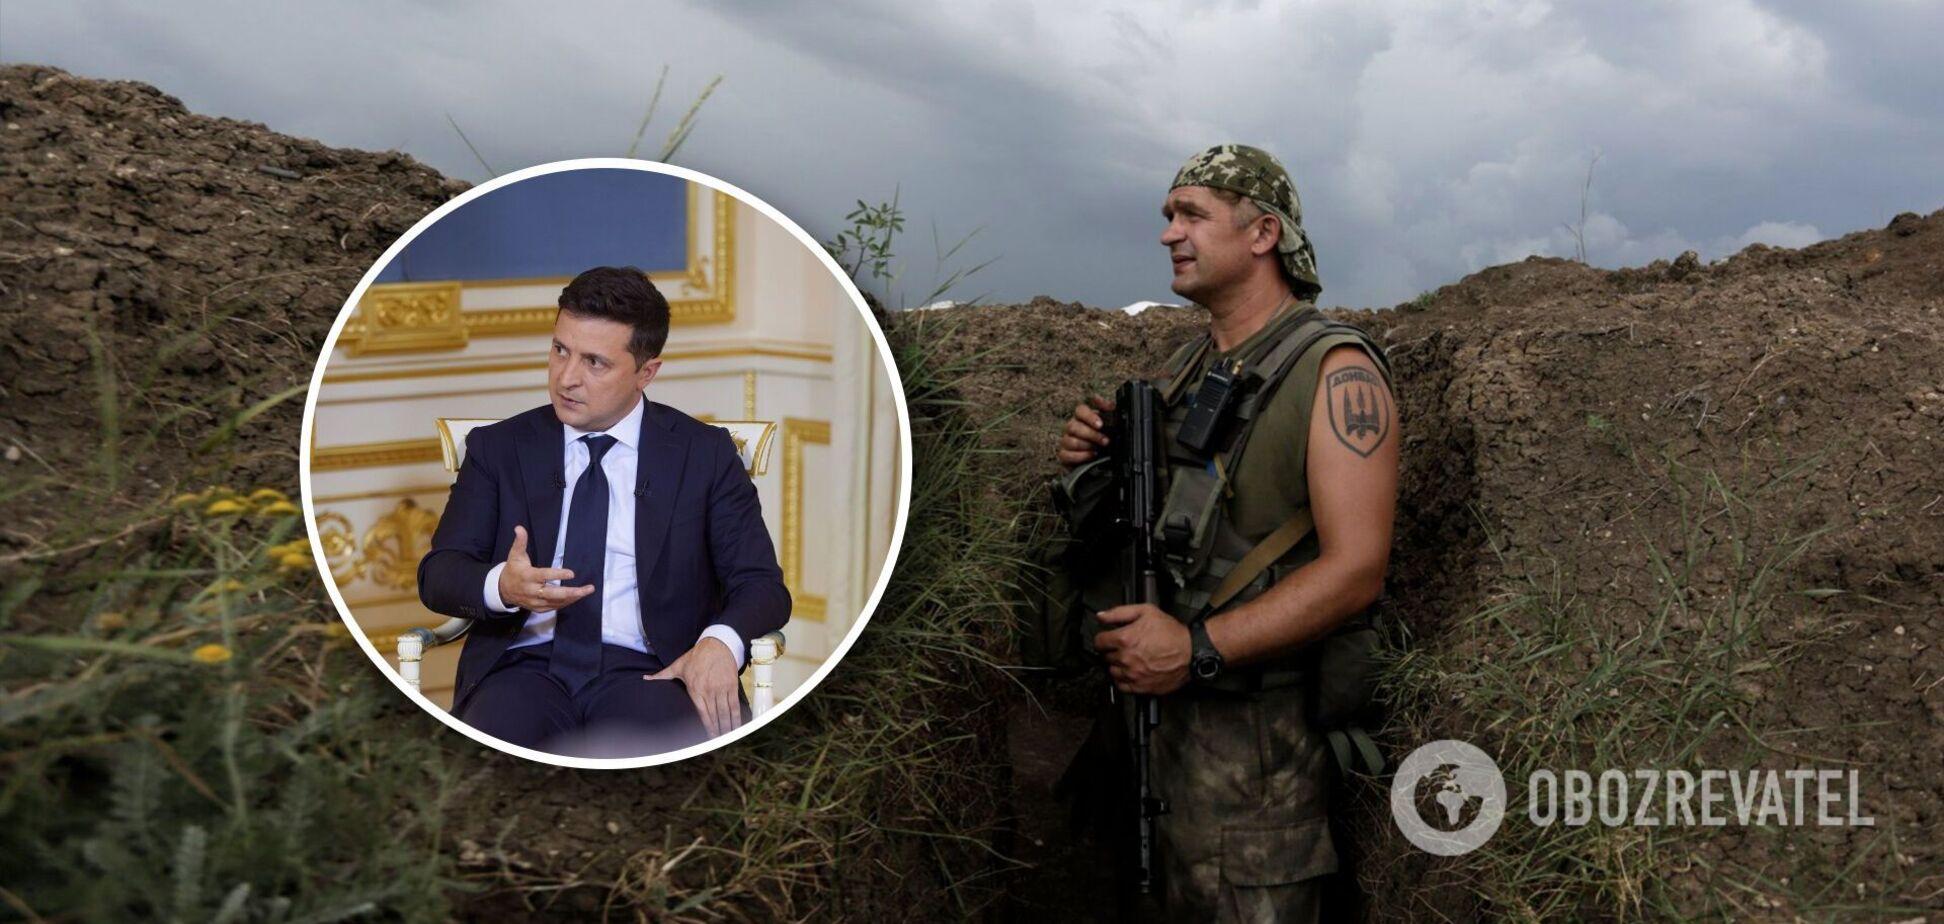 Зеленский думает о создании СЭЗ на Донбассе